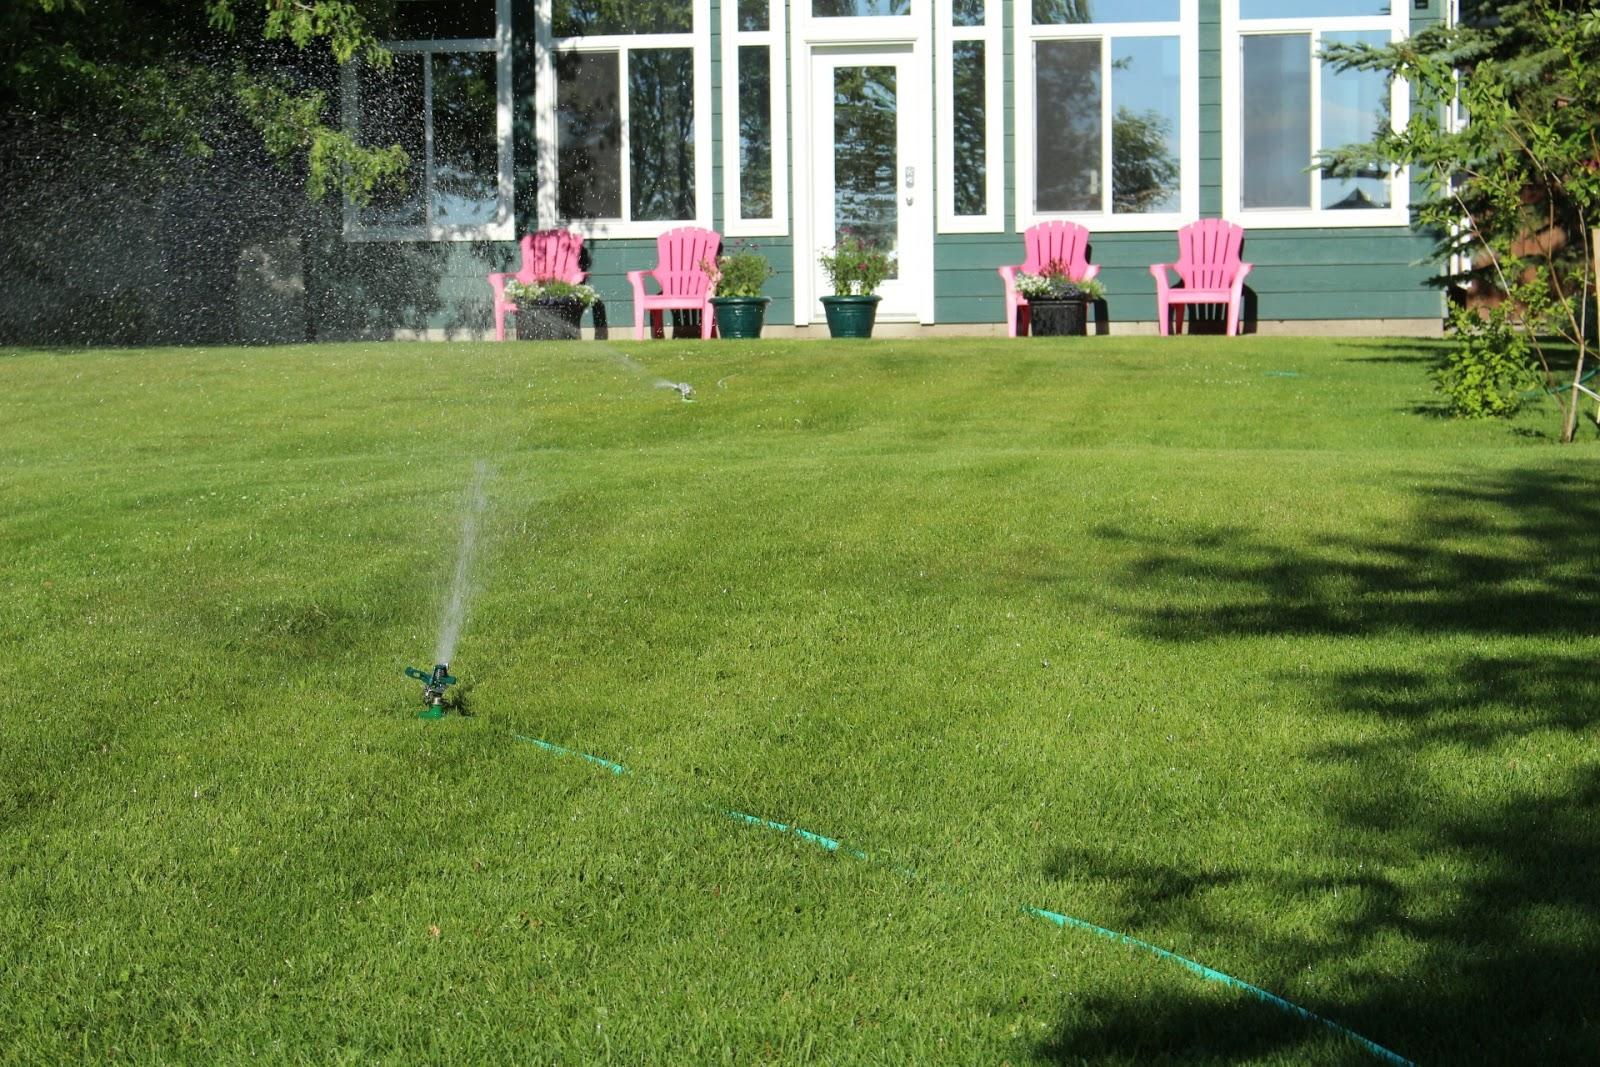 denver sprinkler system installation and repair altitude